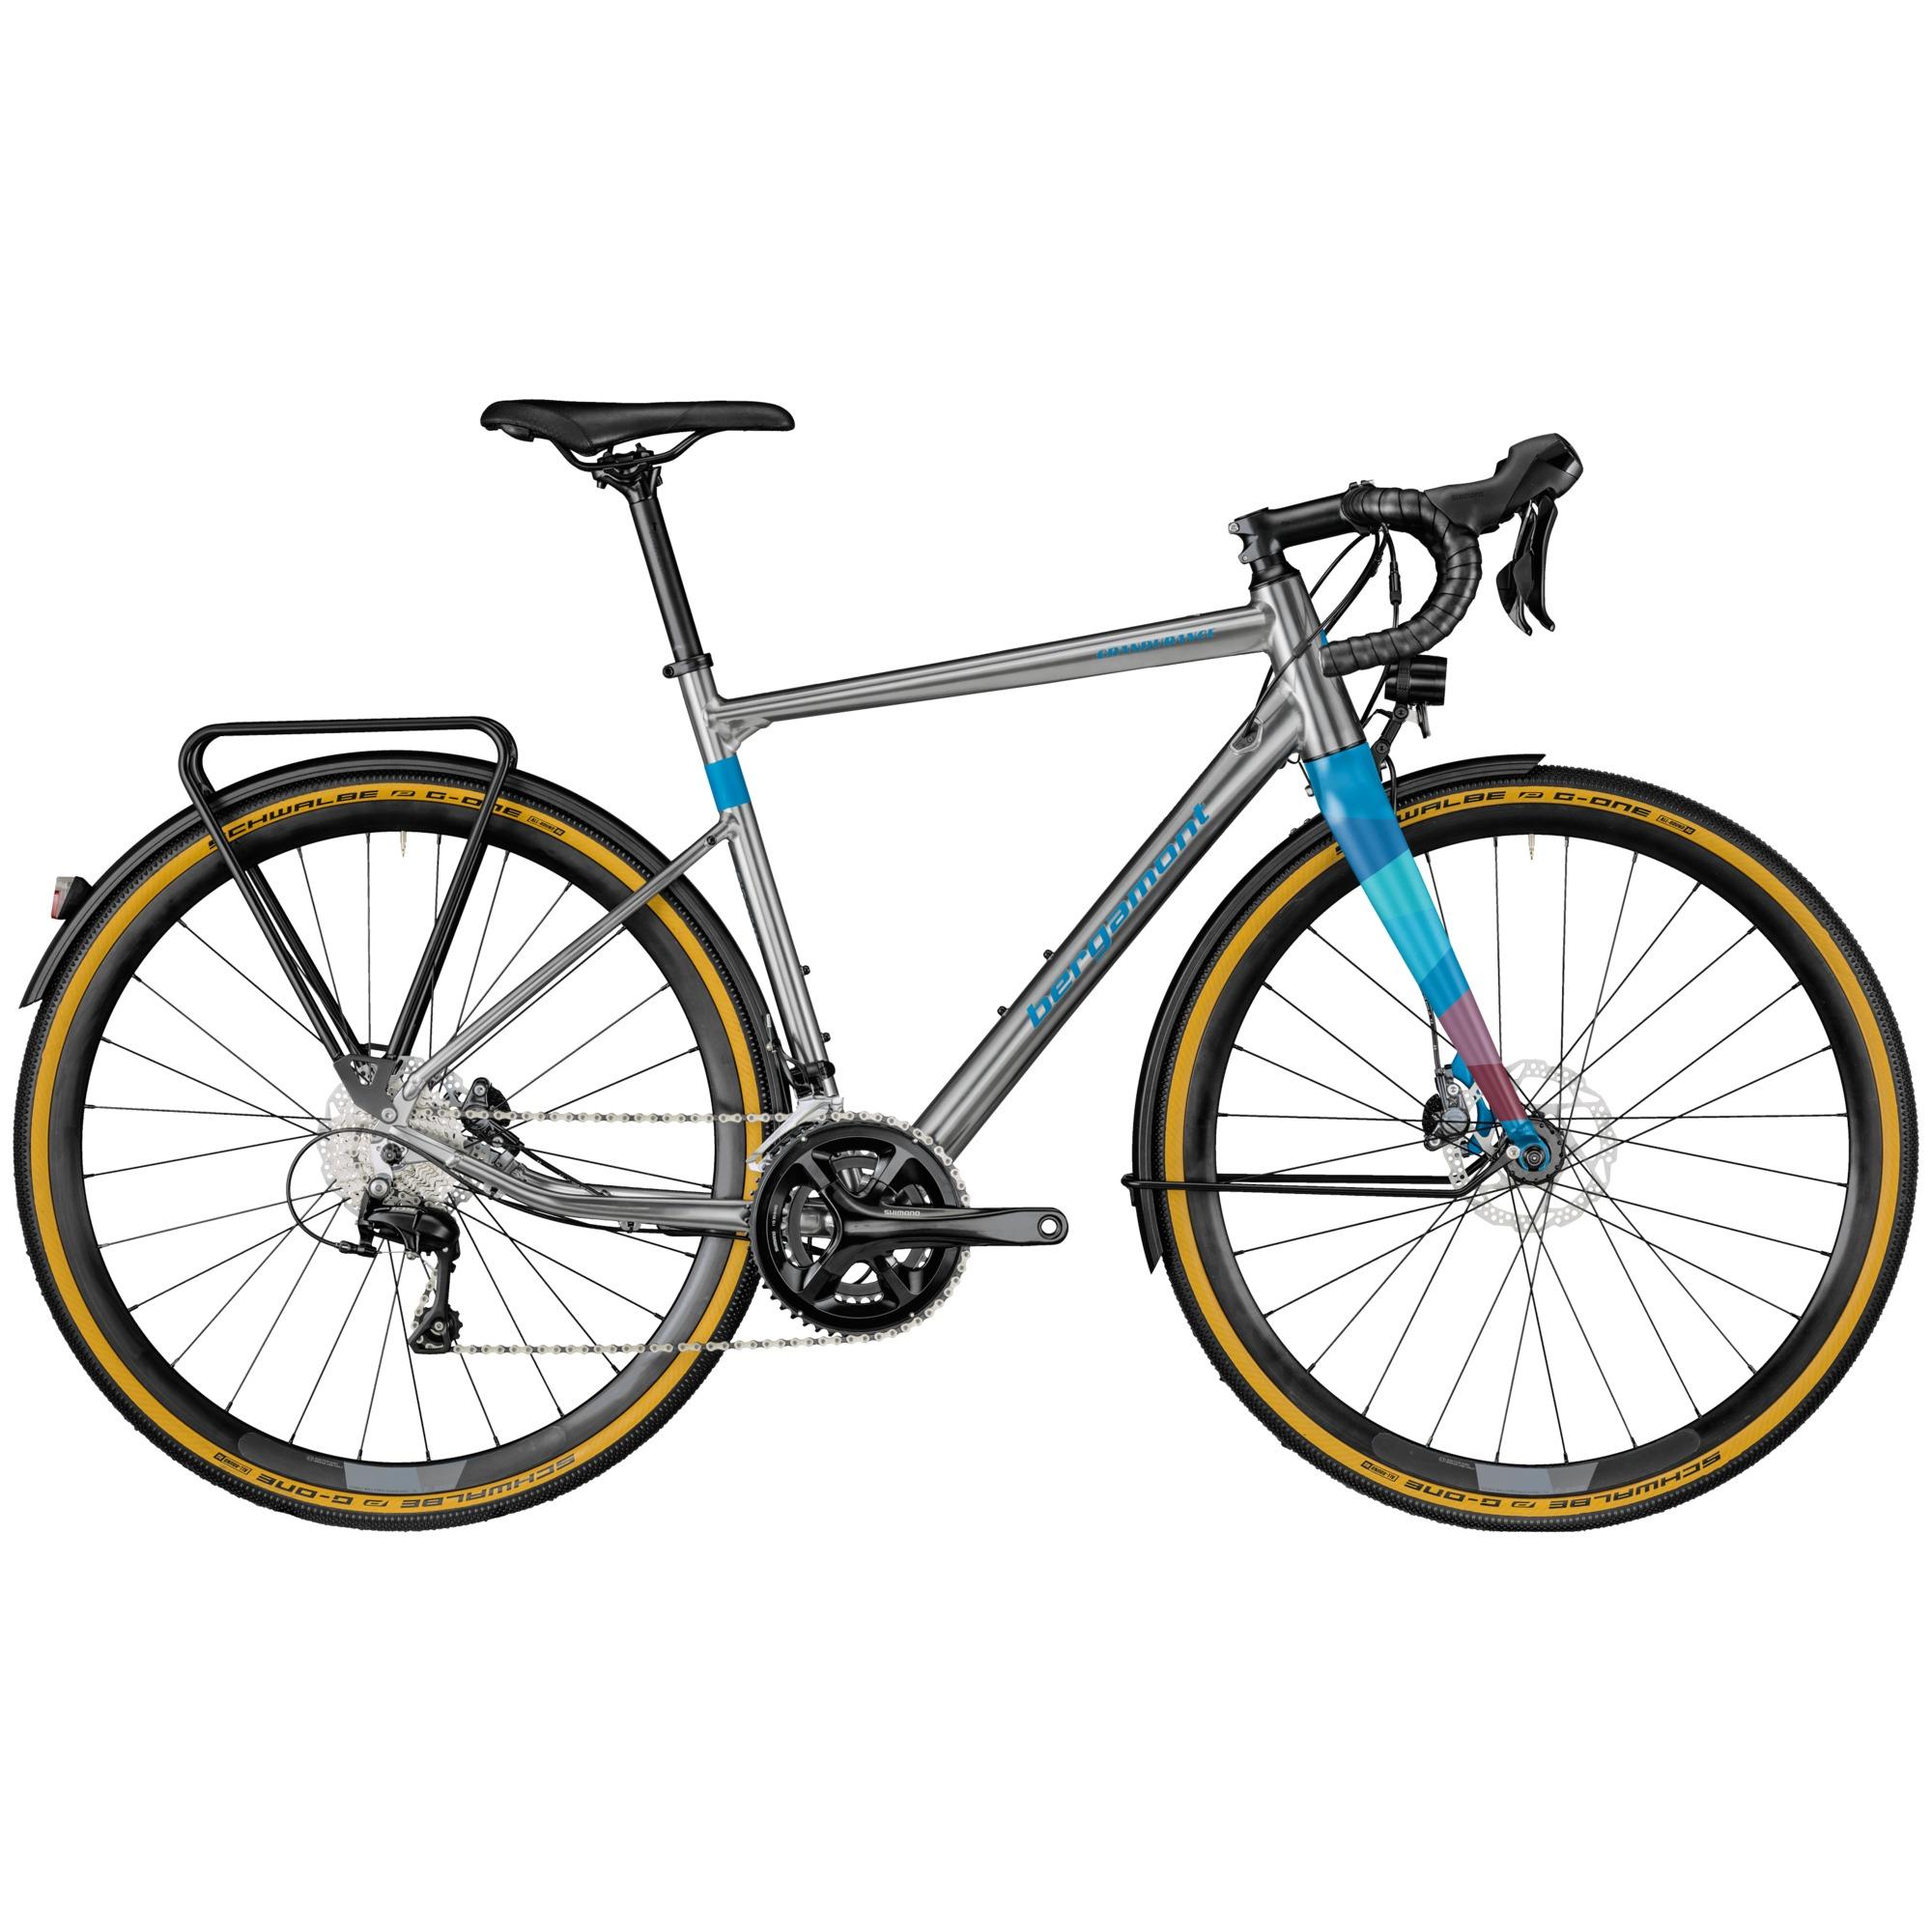 Bergamont Grandurance RD 7.0 - 2018